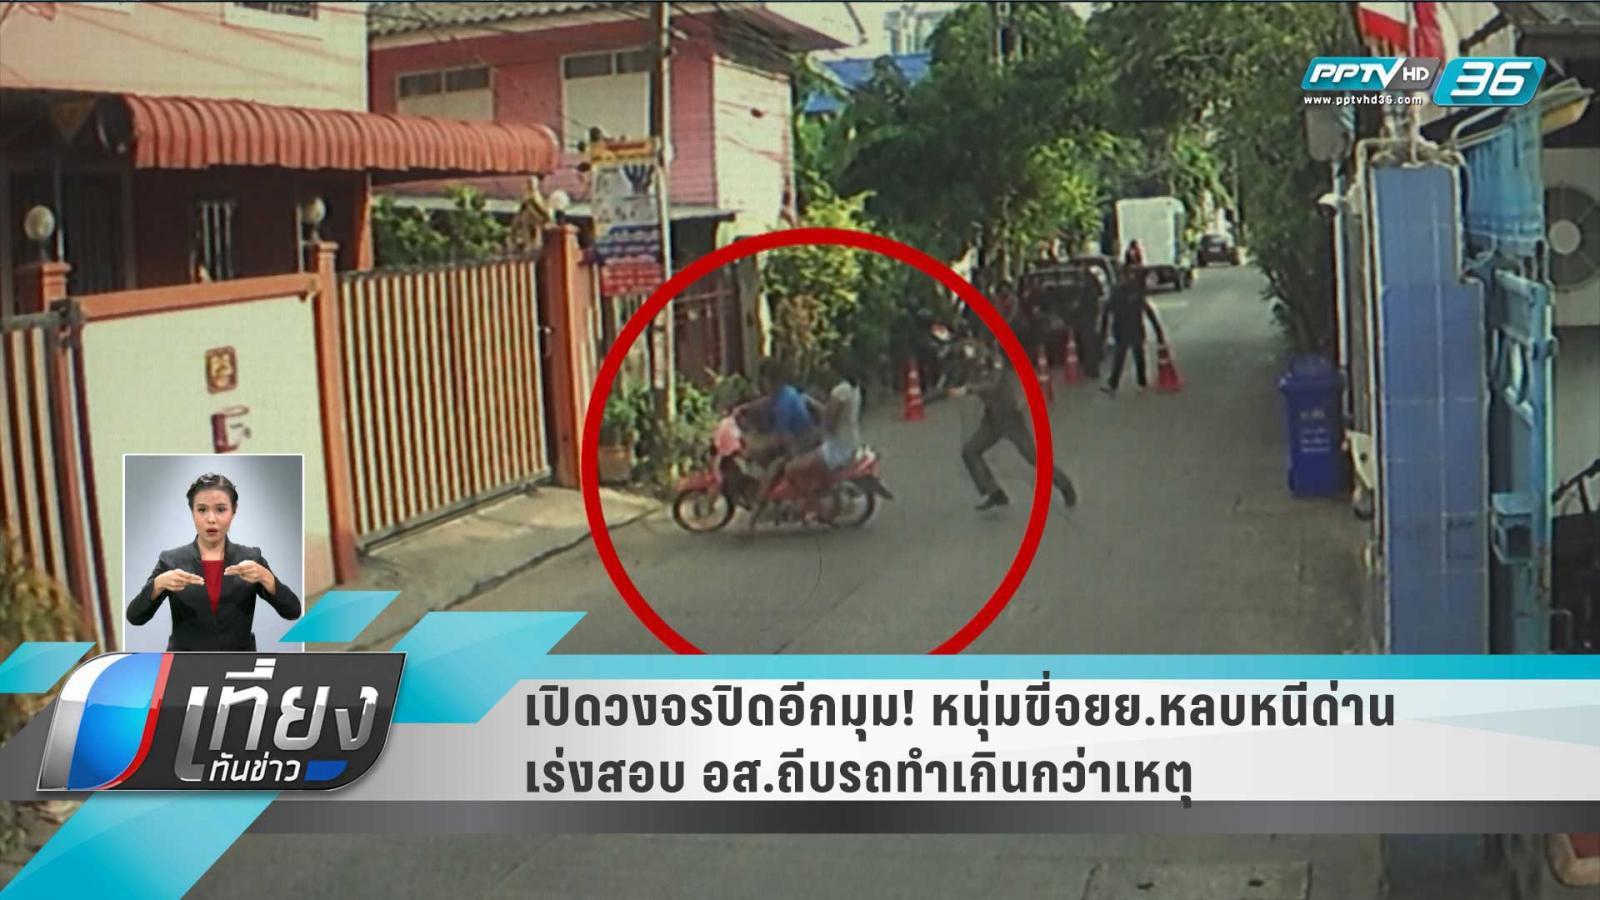 เปิดอีกมุม! หนุ่มขี่มอเตอร์ไซค์หลบหนีด่านตรวจ ก่อนถูกอาสาตำรวจถีบล้ม